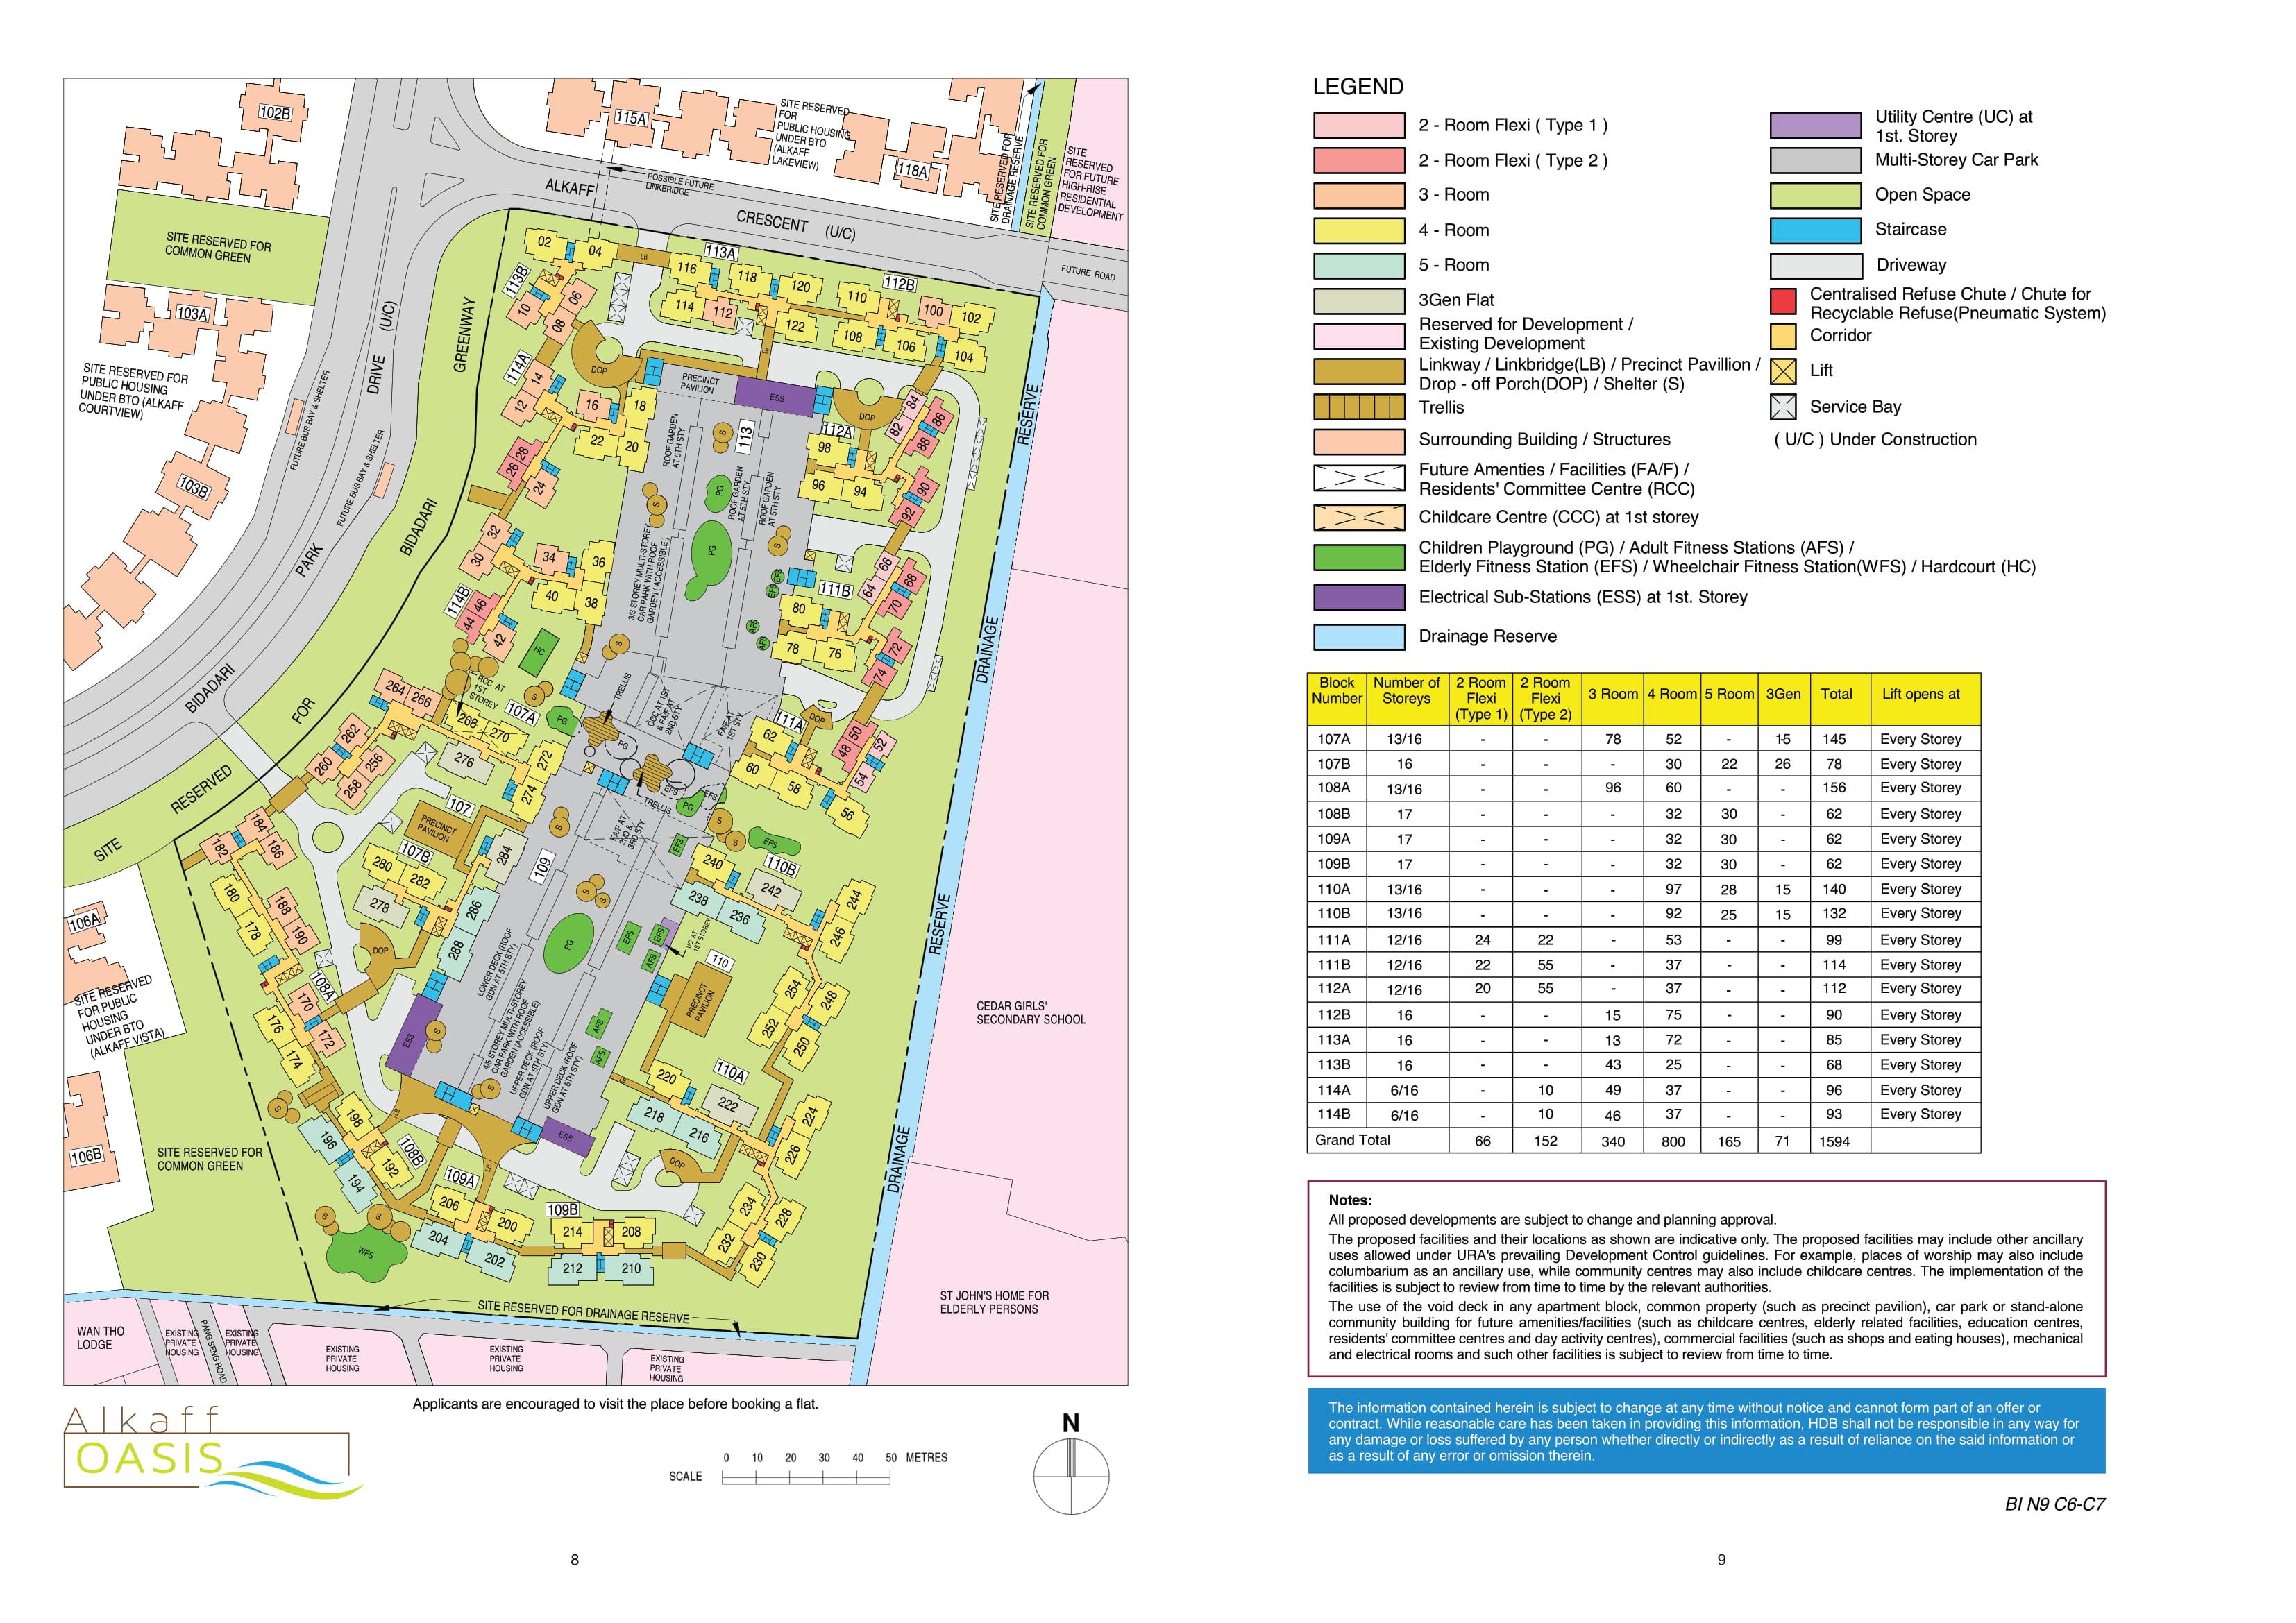 Bidadari Alkaff Oasis Site Plan